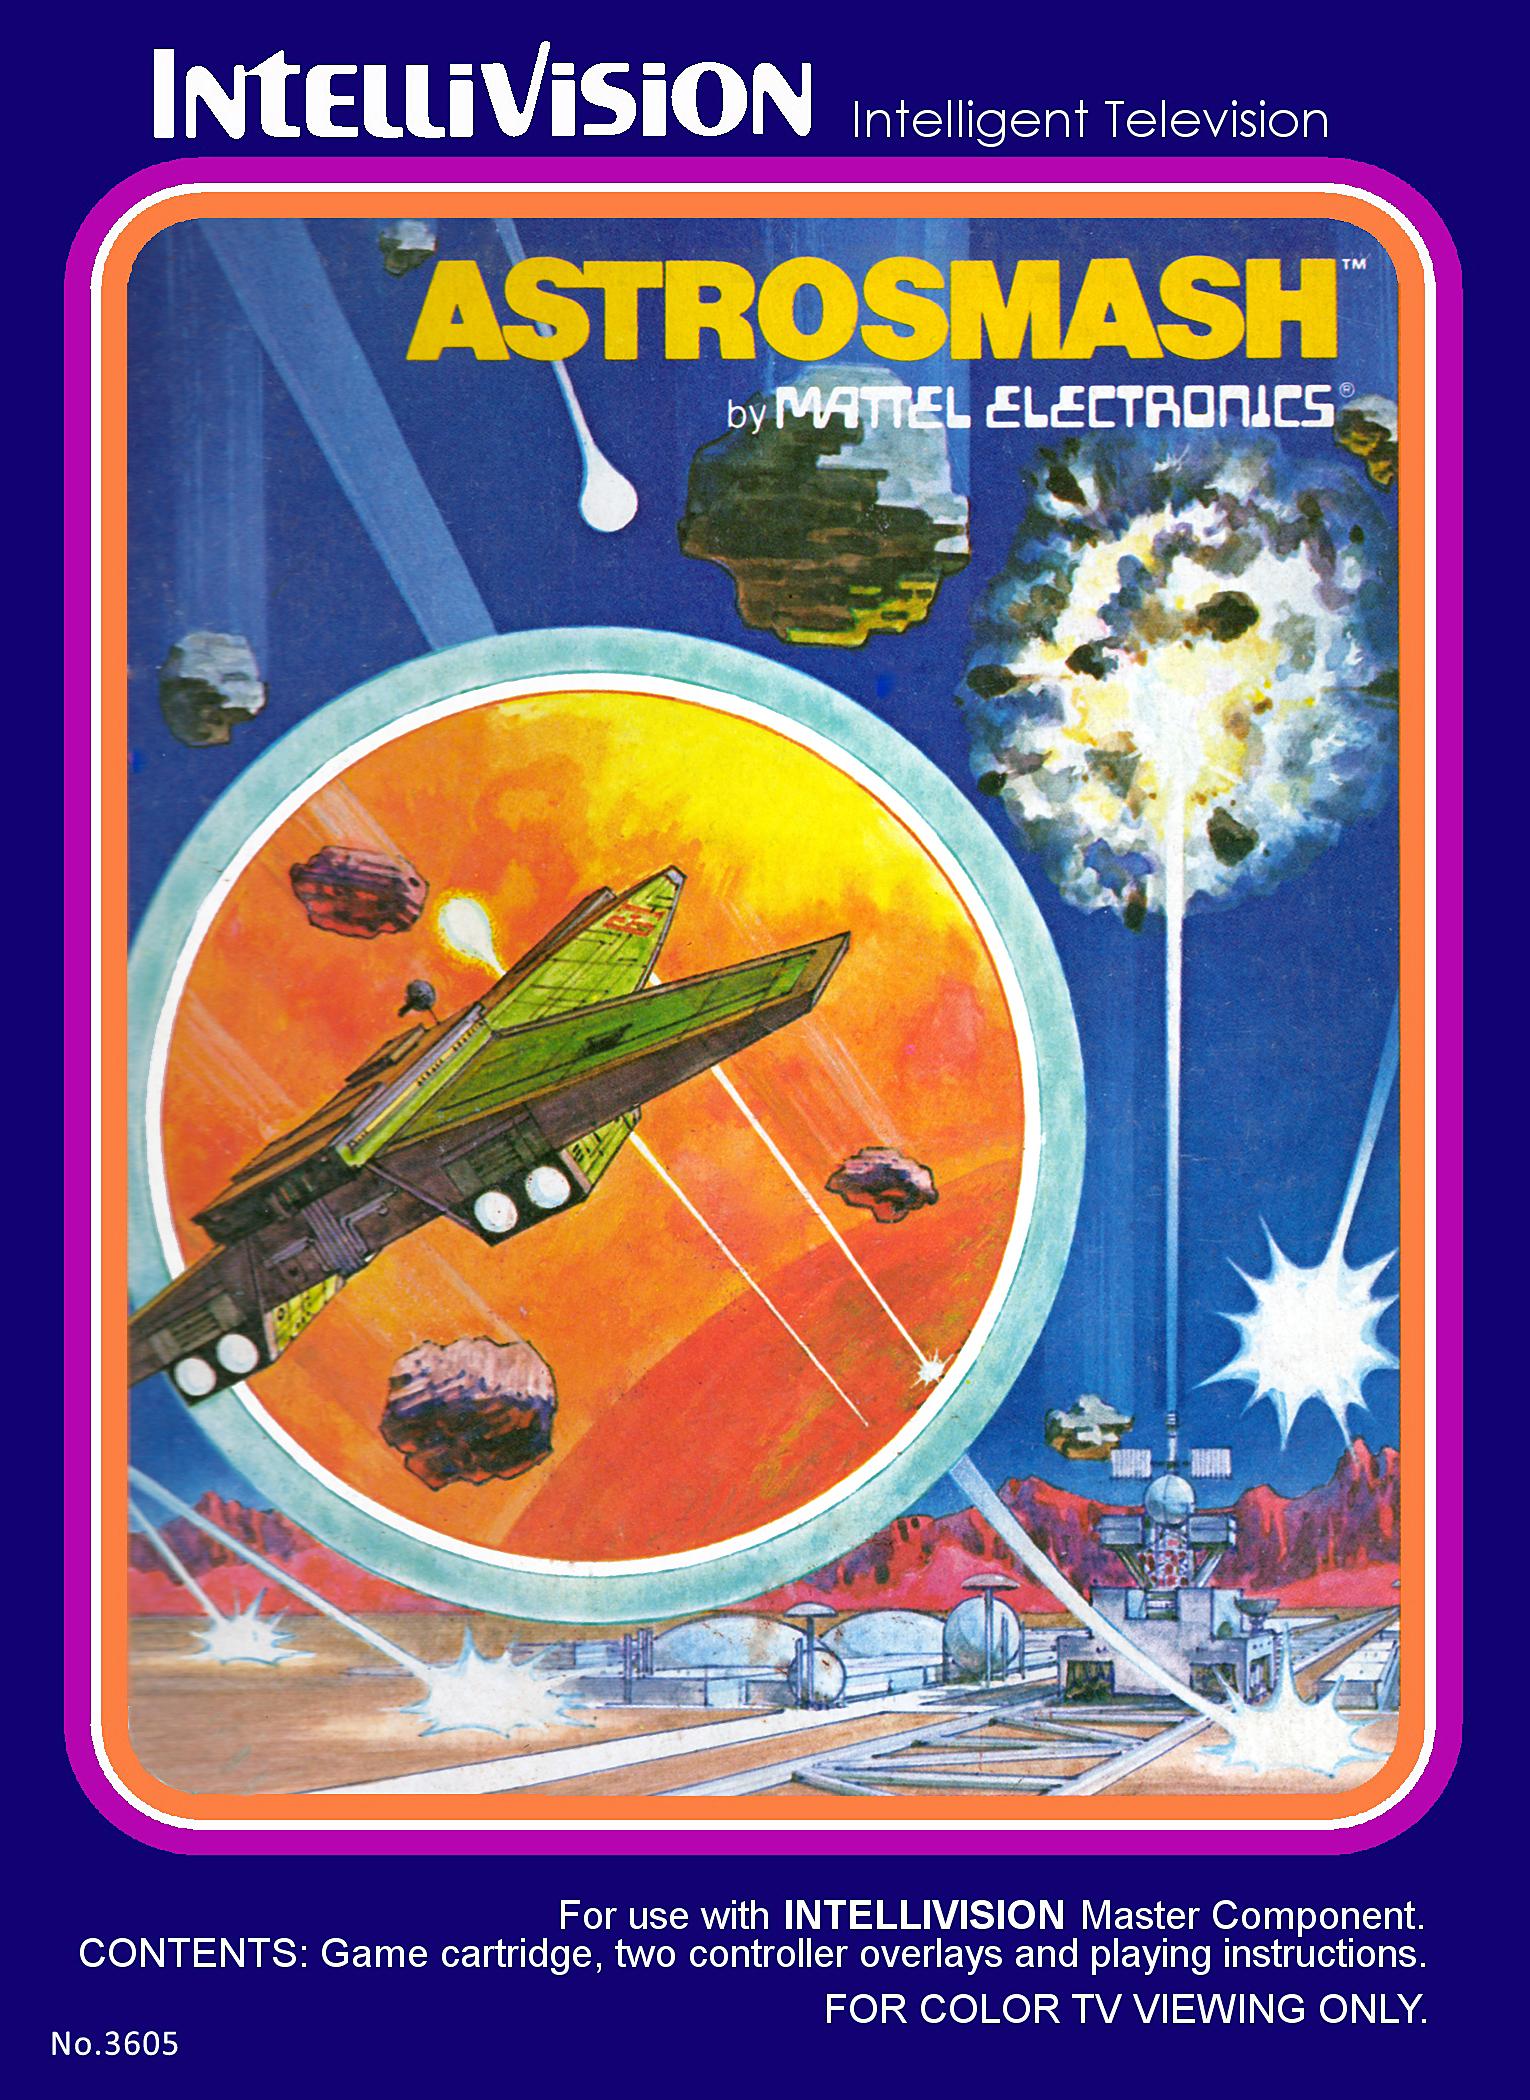 Astrosmash/Intellivision